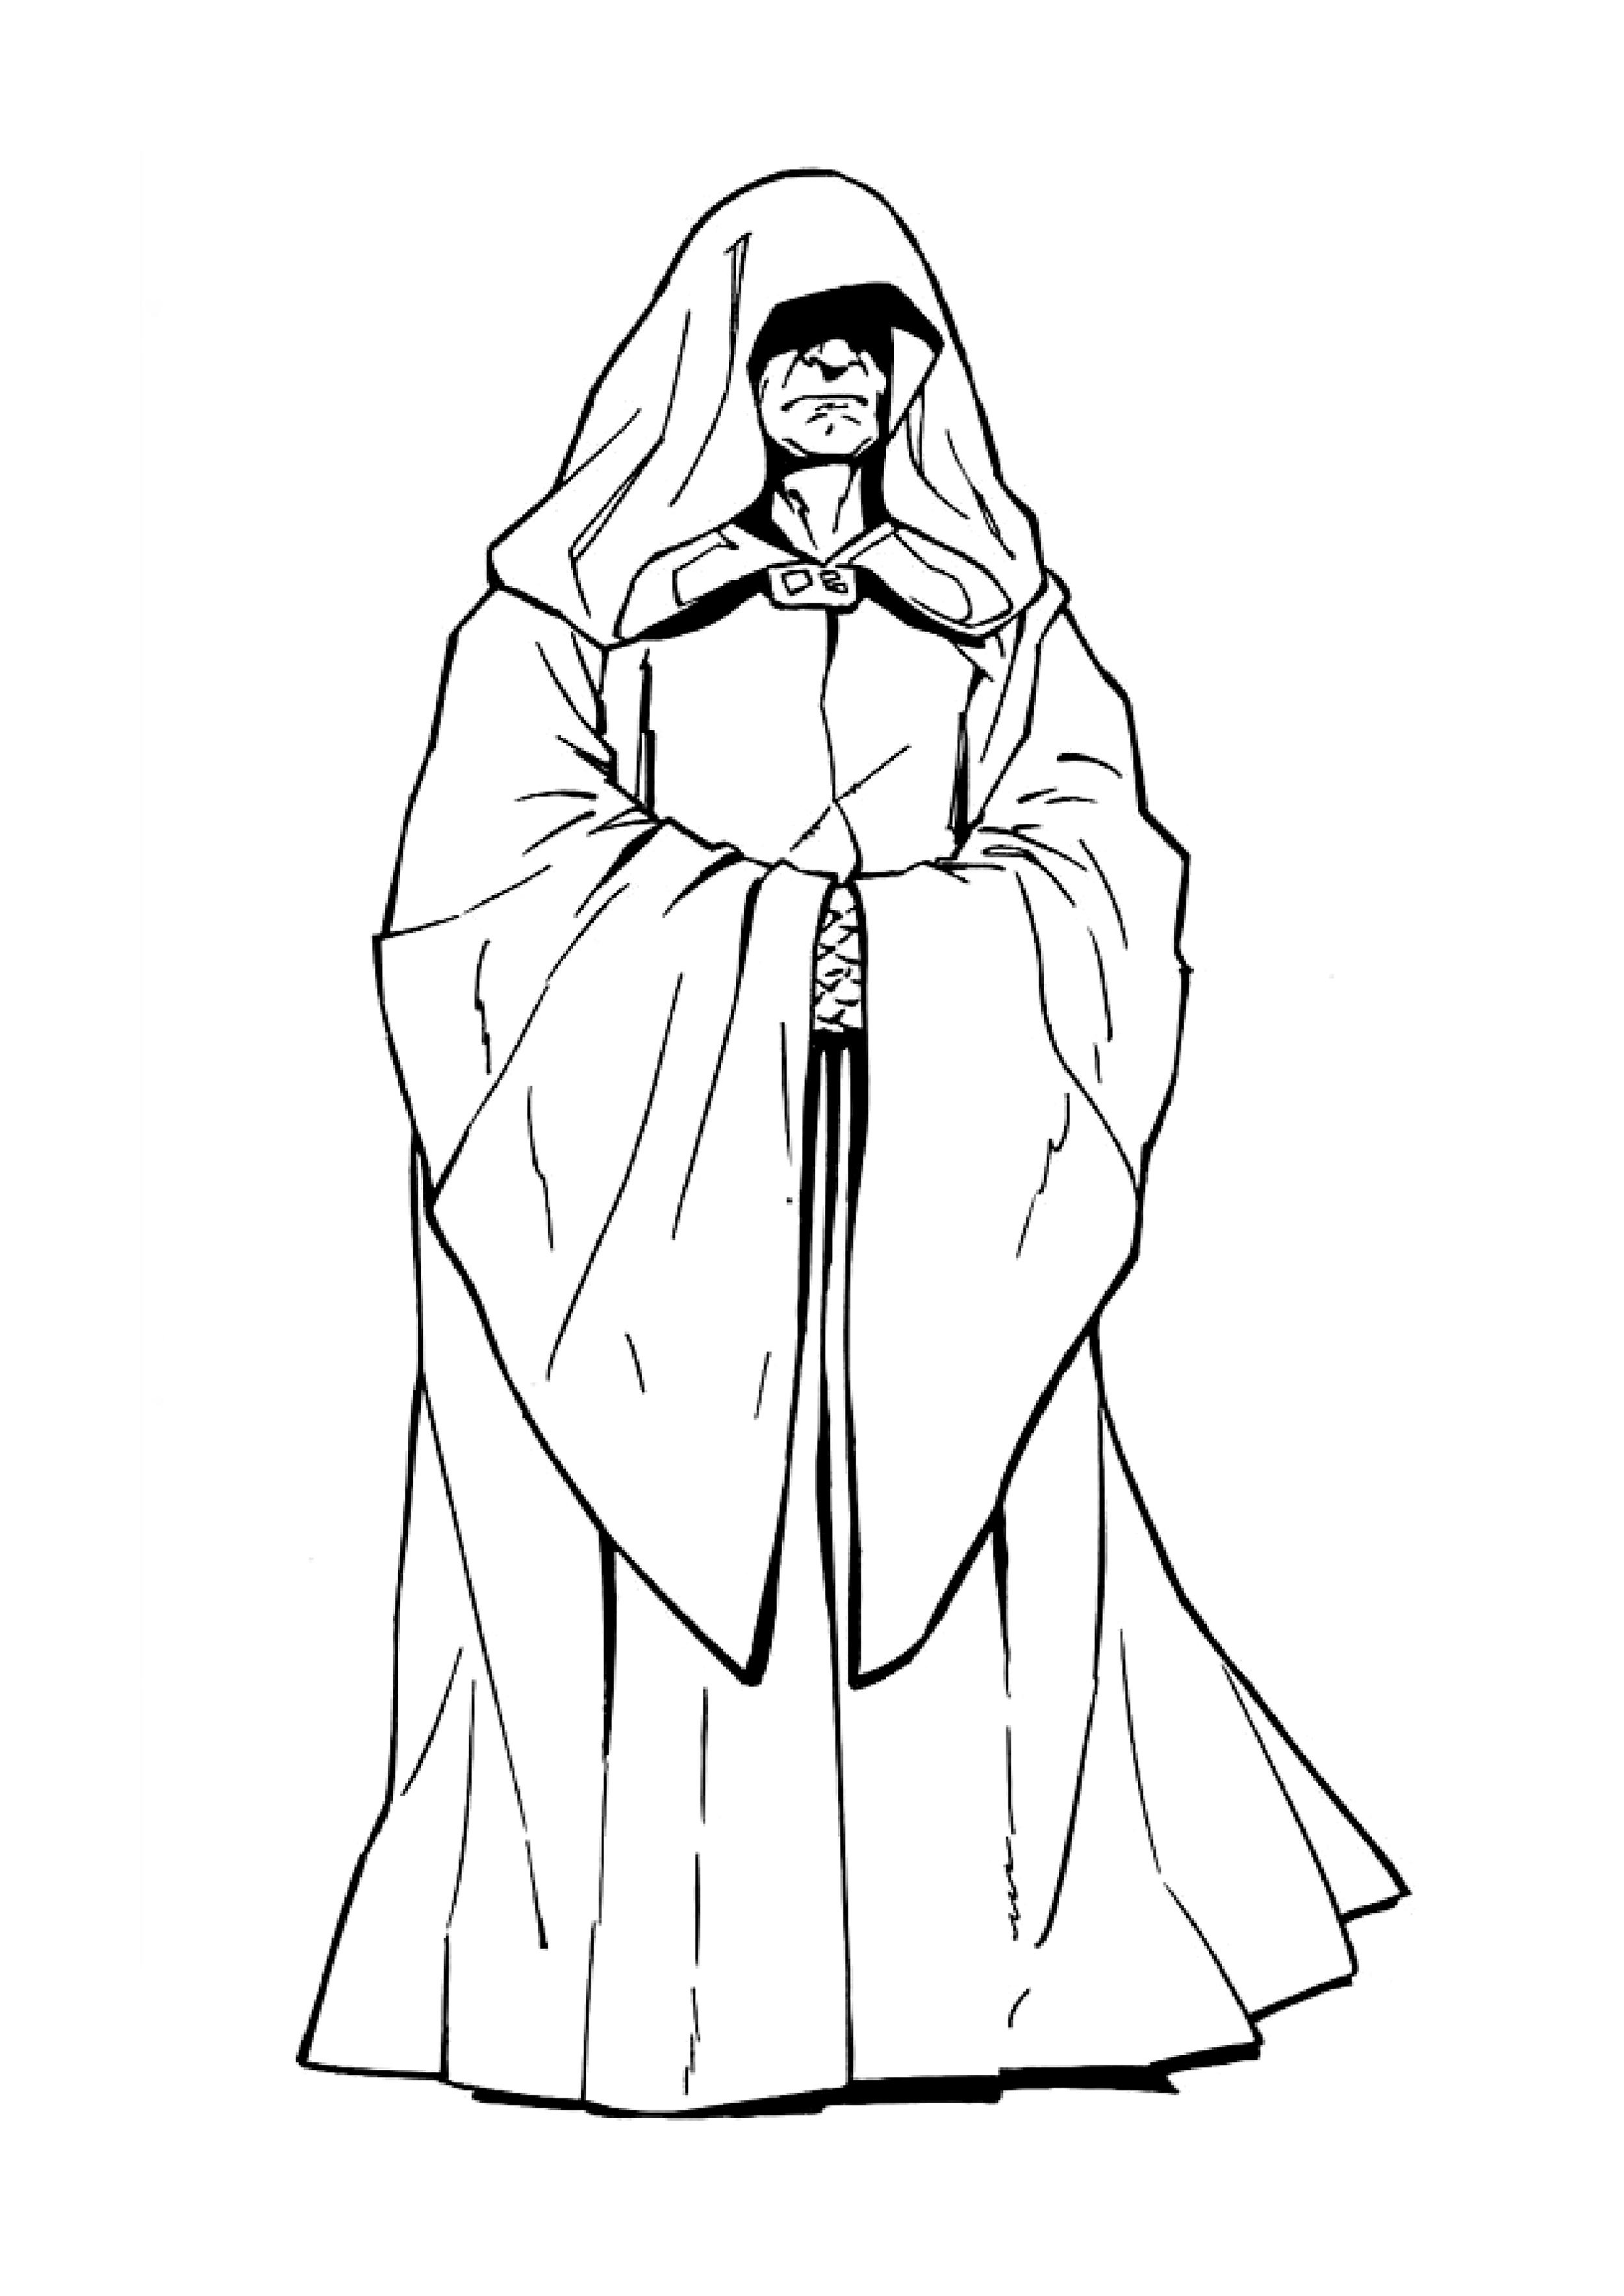 Image de l'Empereur Palpatine à imprimer et colorier